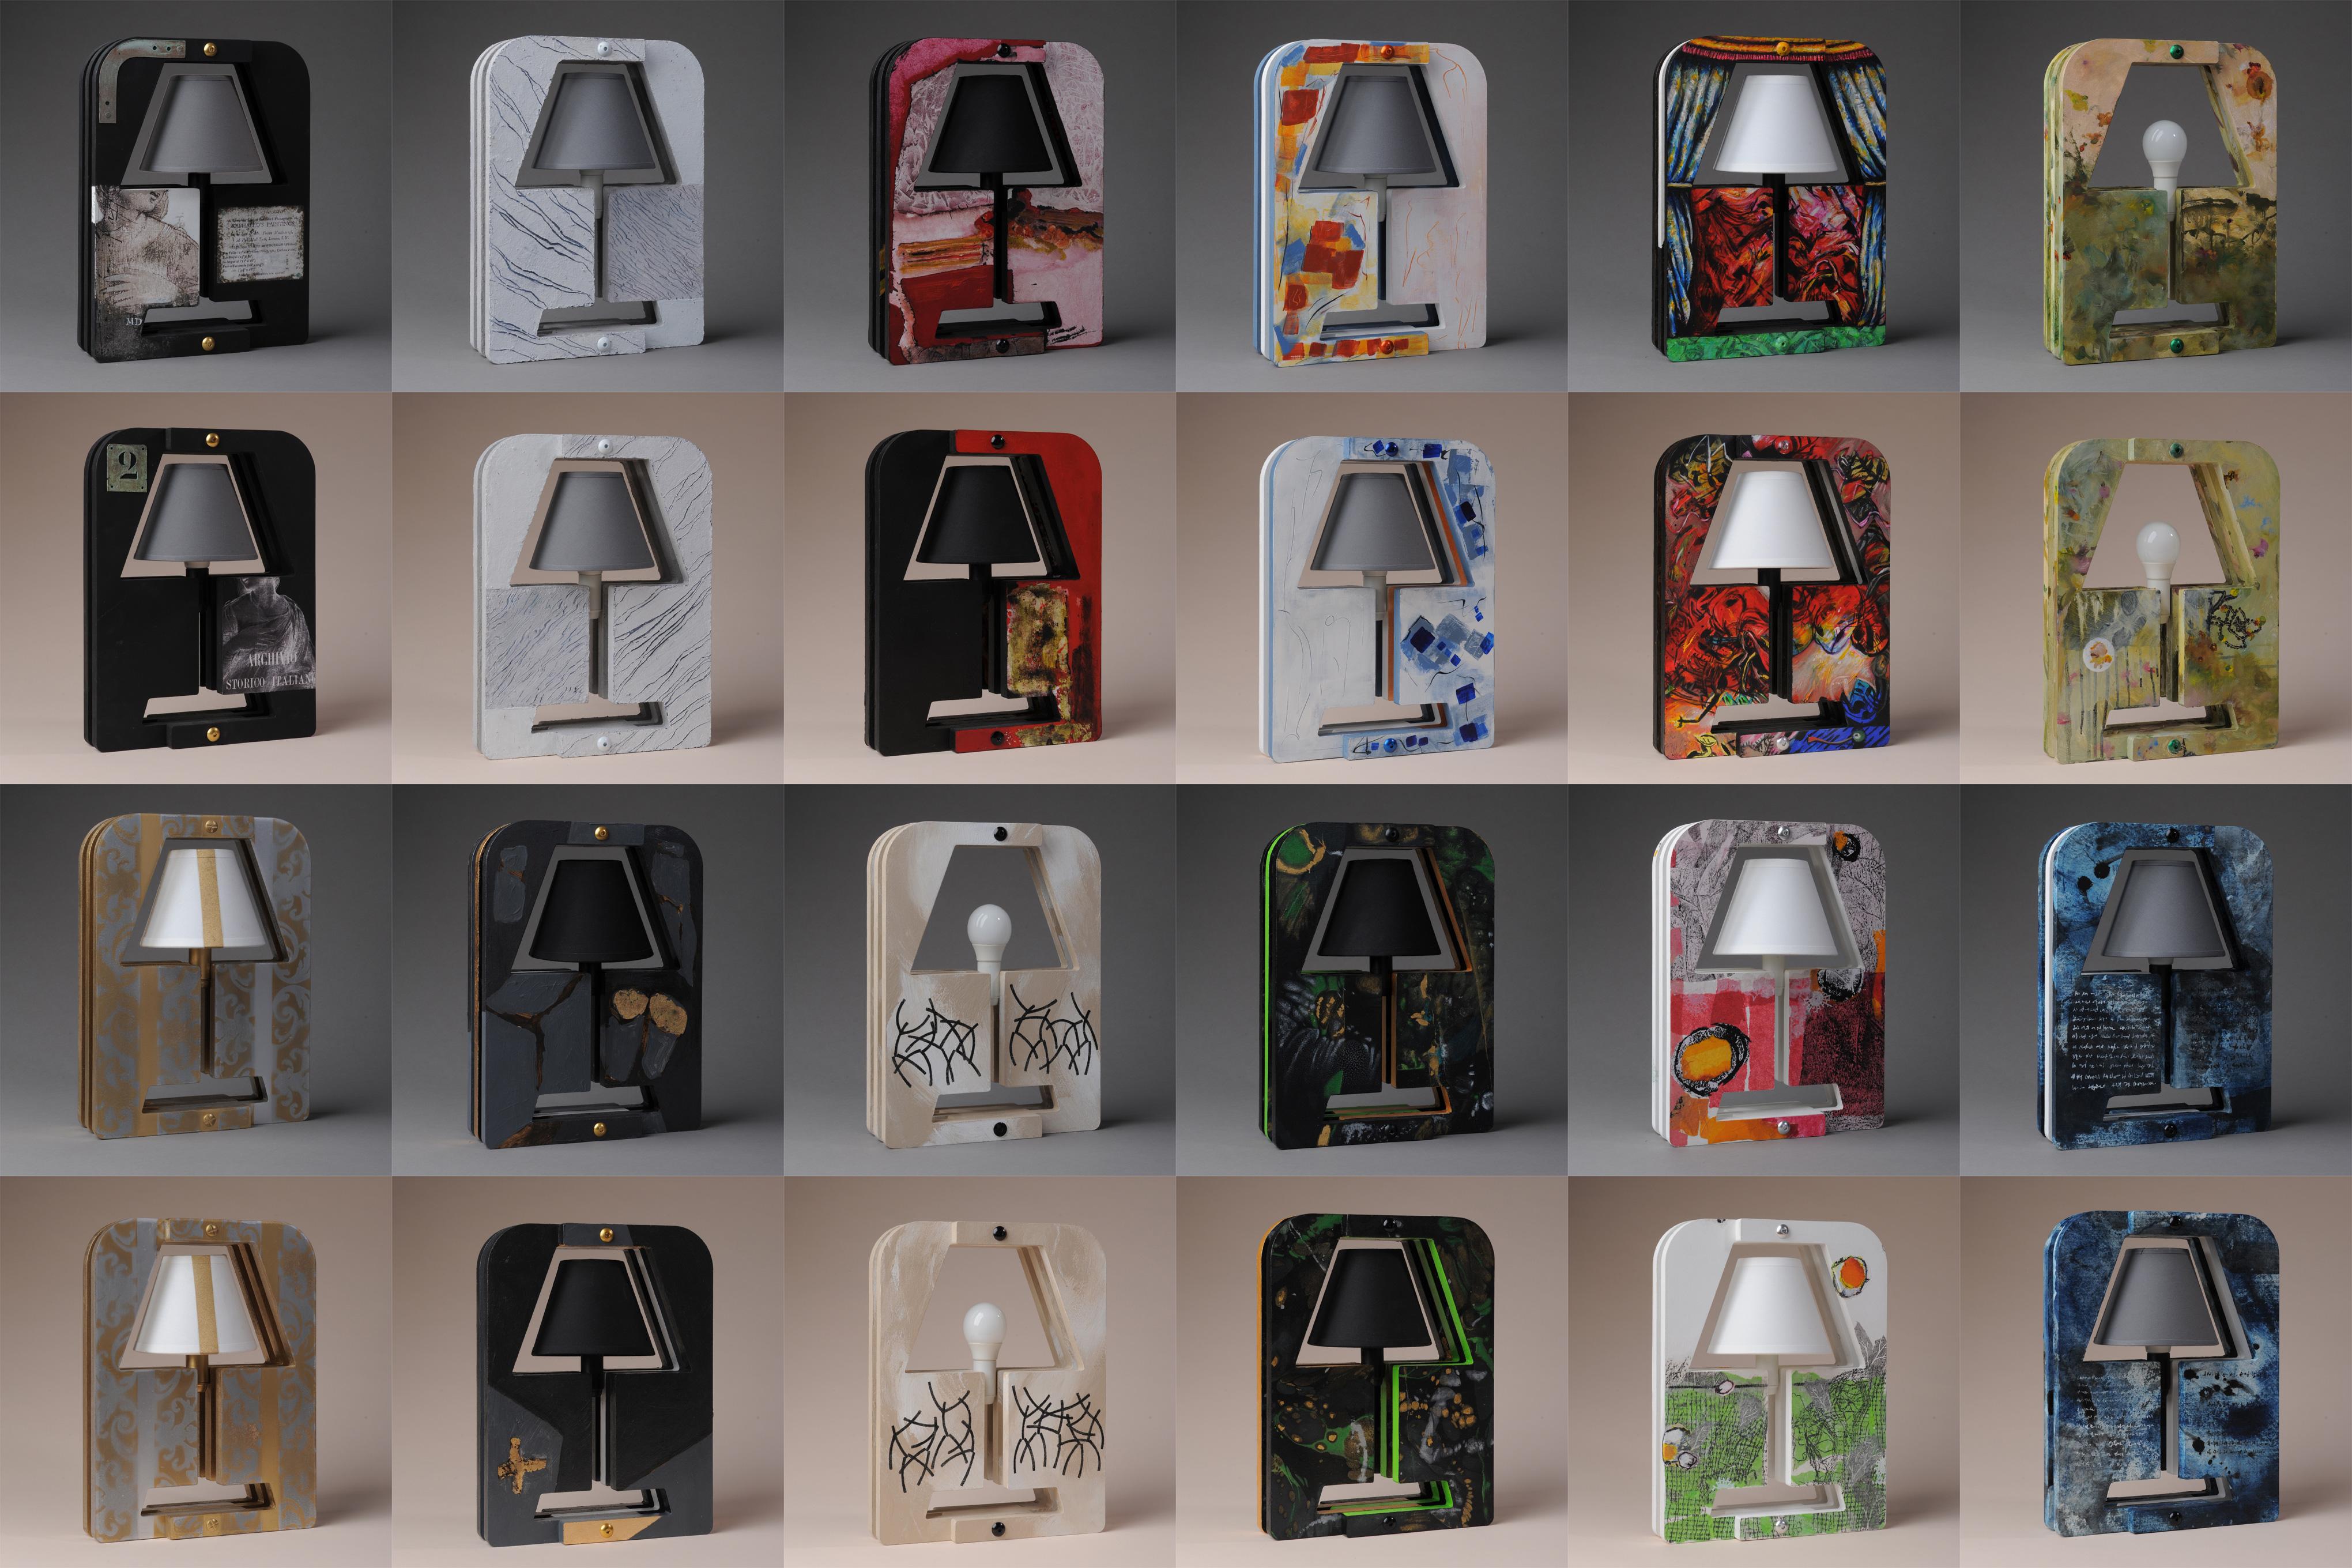 zygotodesign les lampes d 39 artistes. Black Bedroom Furniture Sets. Home Design Ideas